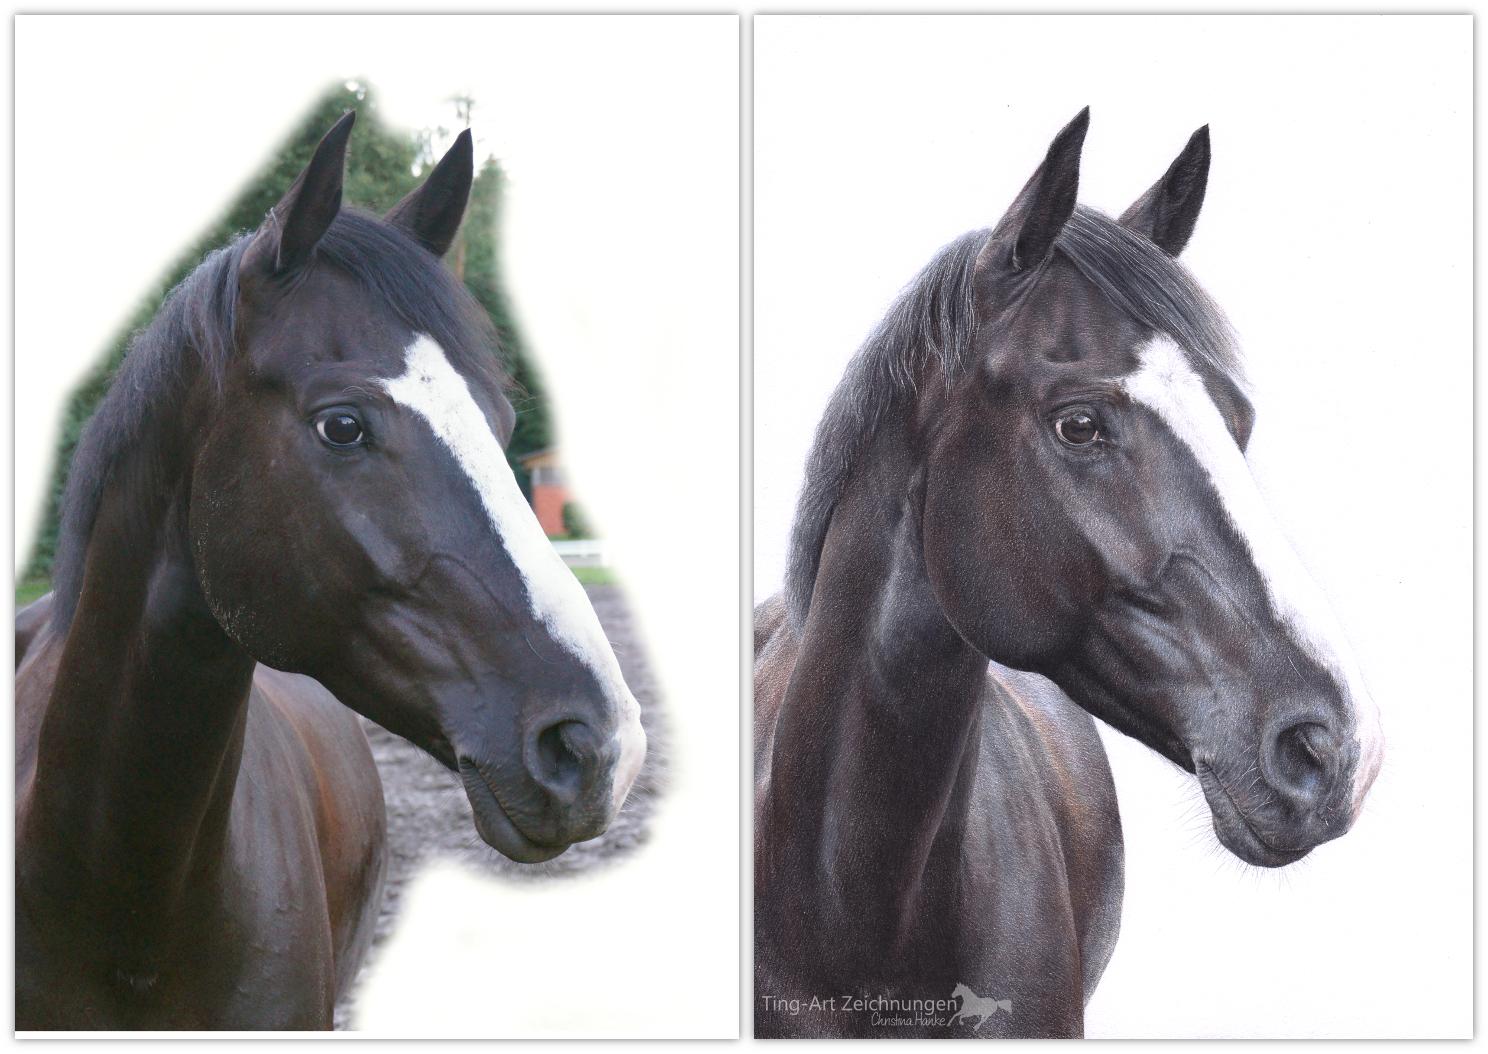 Zeichnung nach Foto Fotovorlage Vorlage Pferdezeichnung Buntstiftzeichnung Pferdeportrait Pferd Tier zeichnen lassen malen